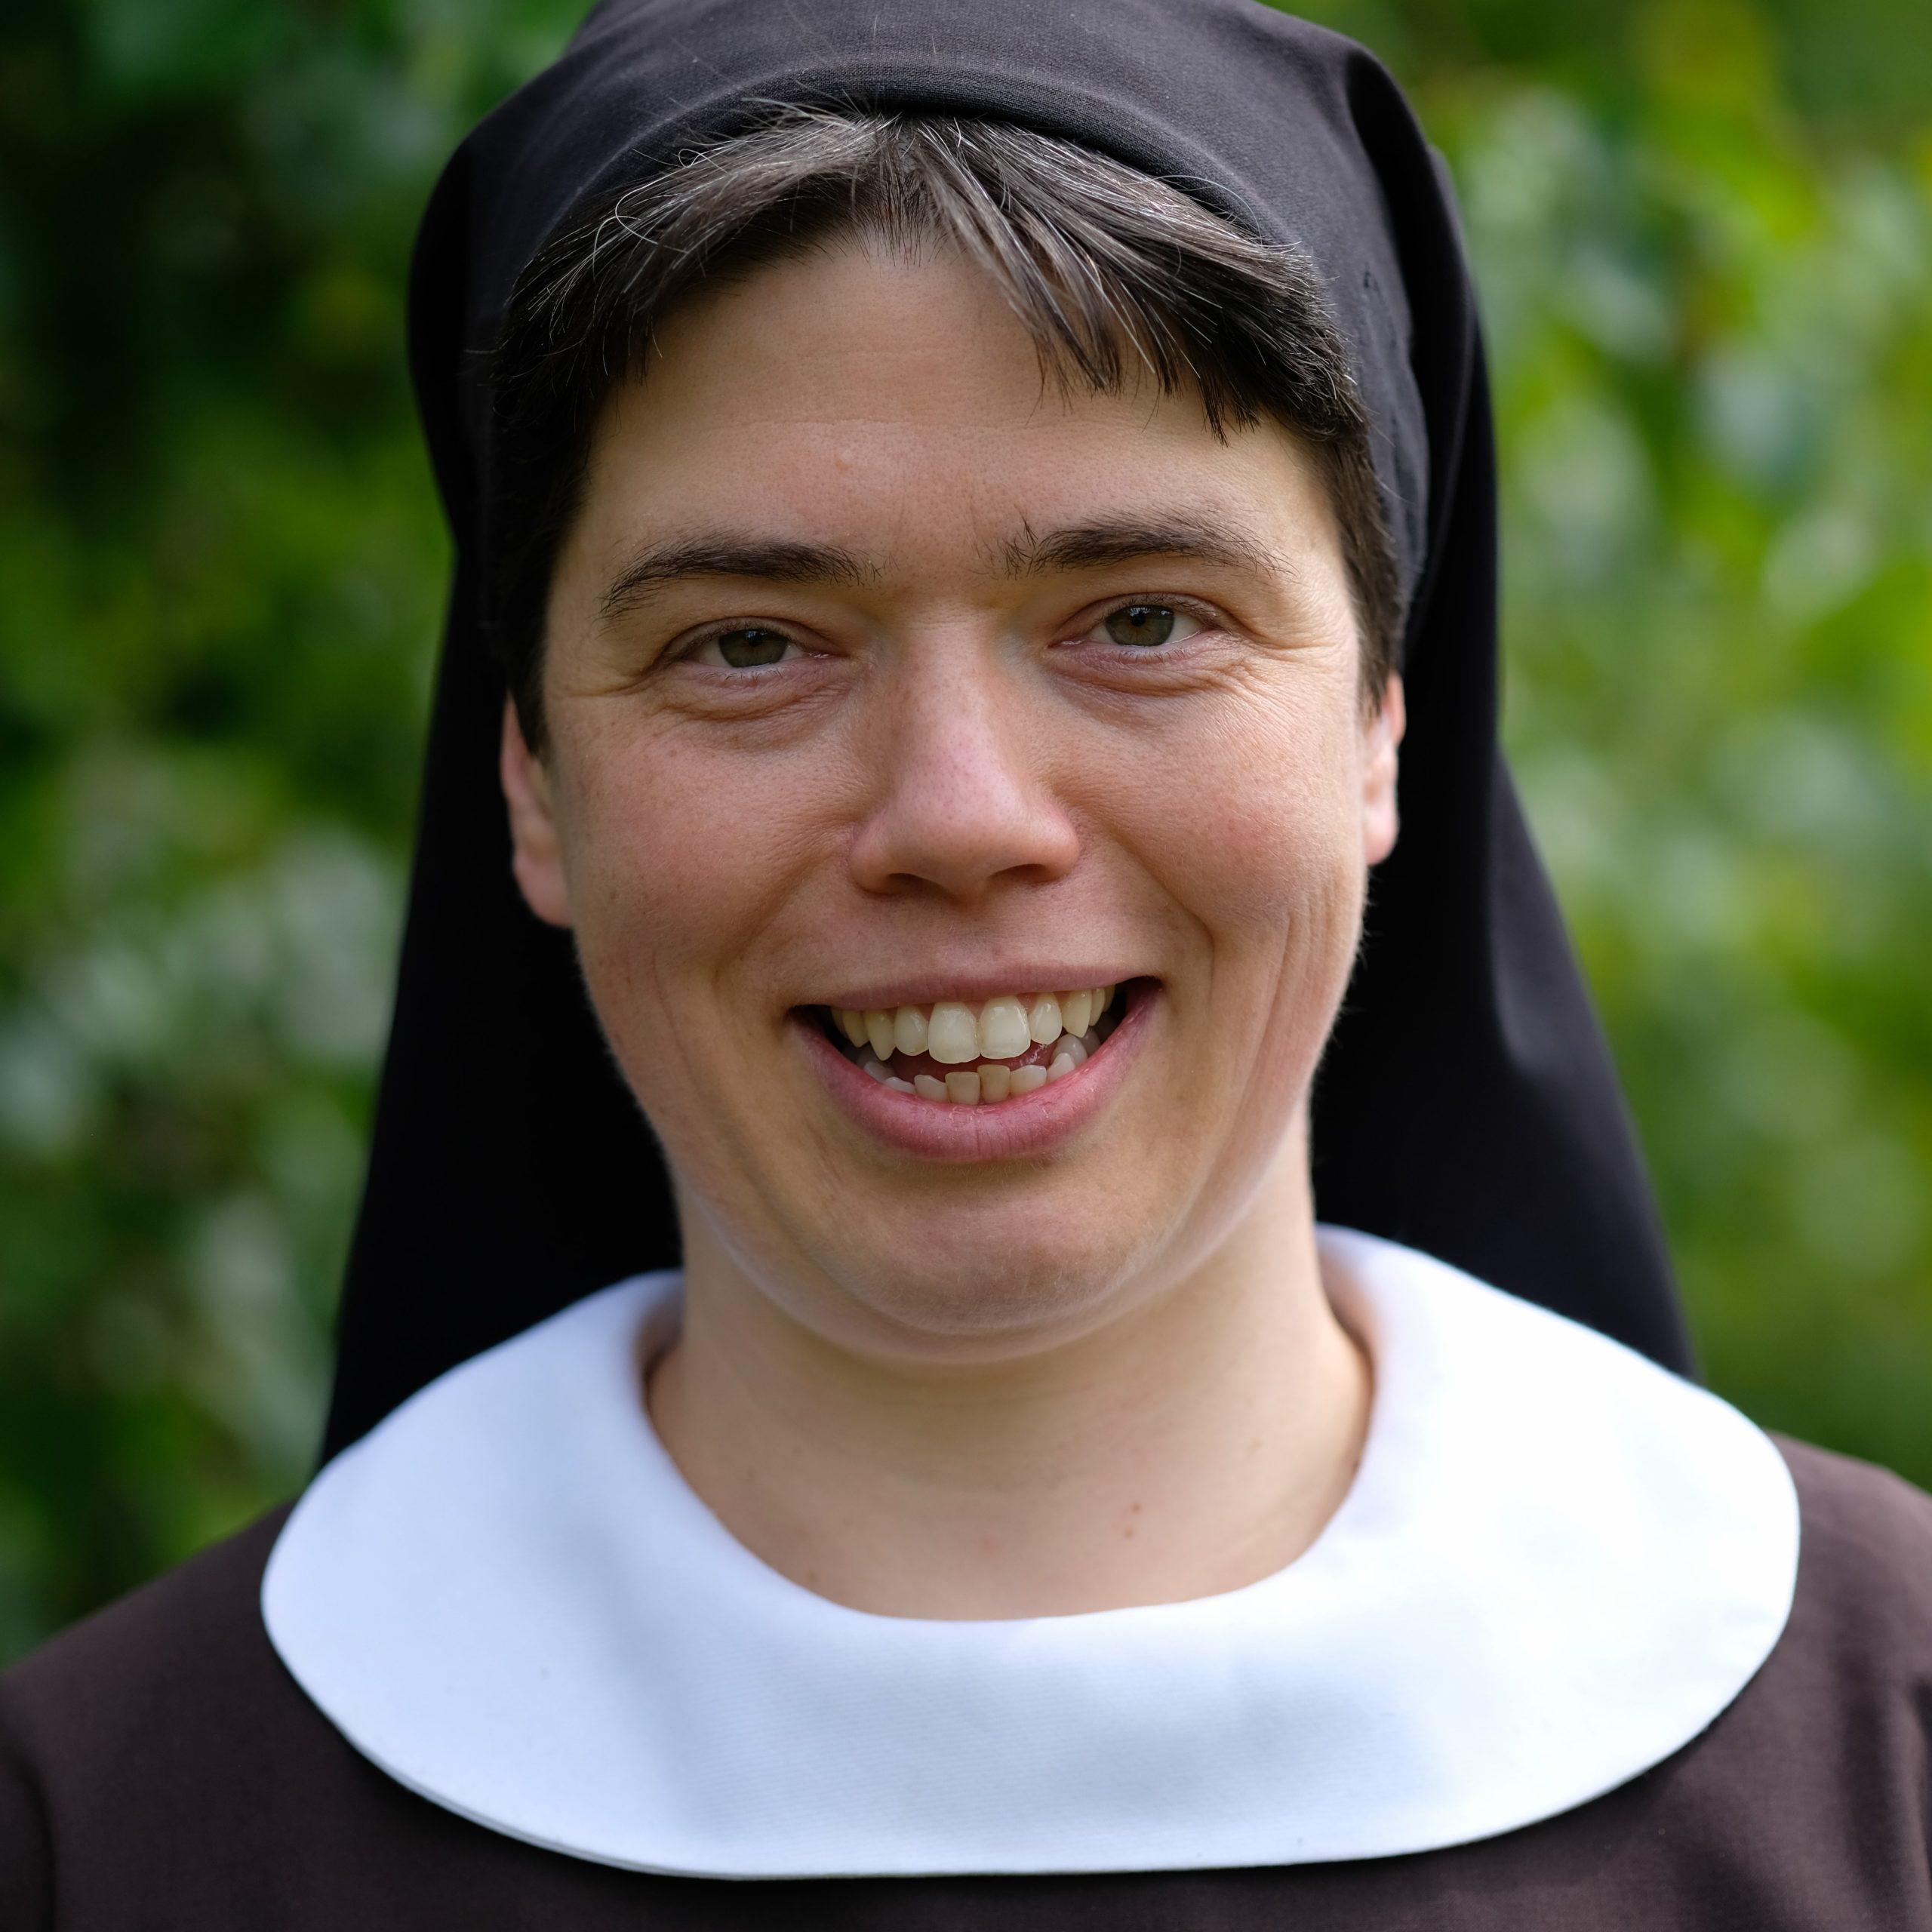 Zuster Emmanuel